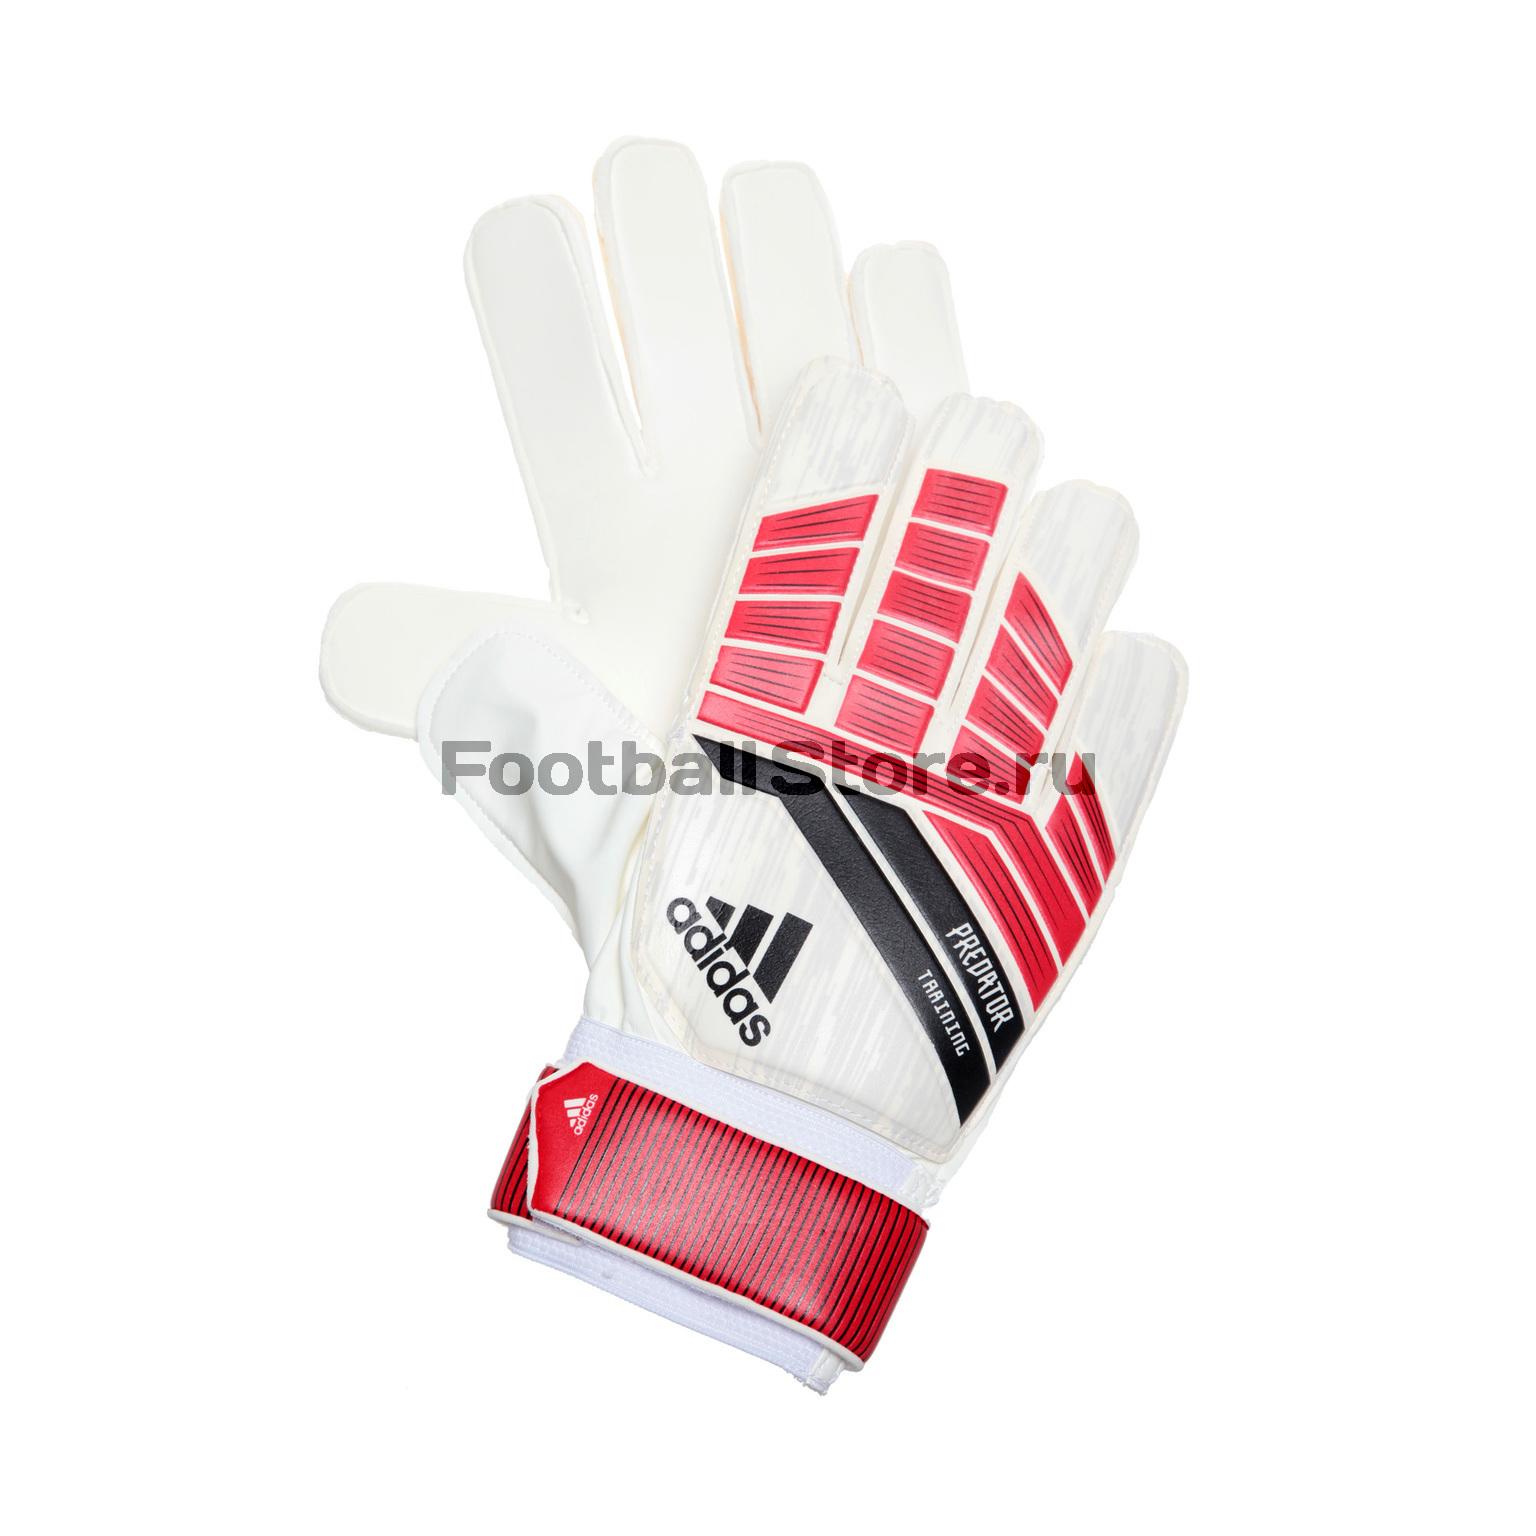 Перчатки вратарские Adidas Predator Training CF1366 - купить в ... 01eb567c72ebc